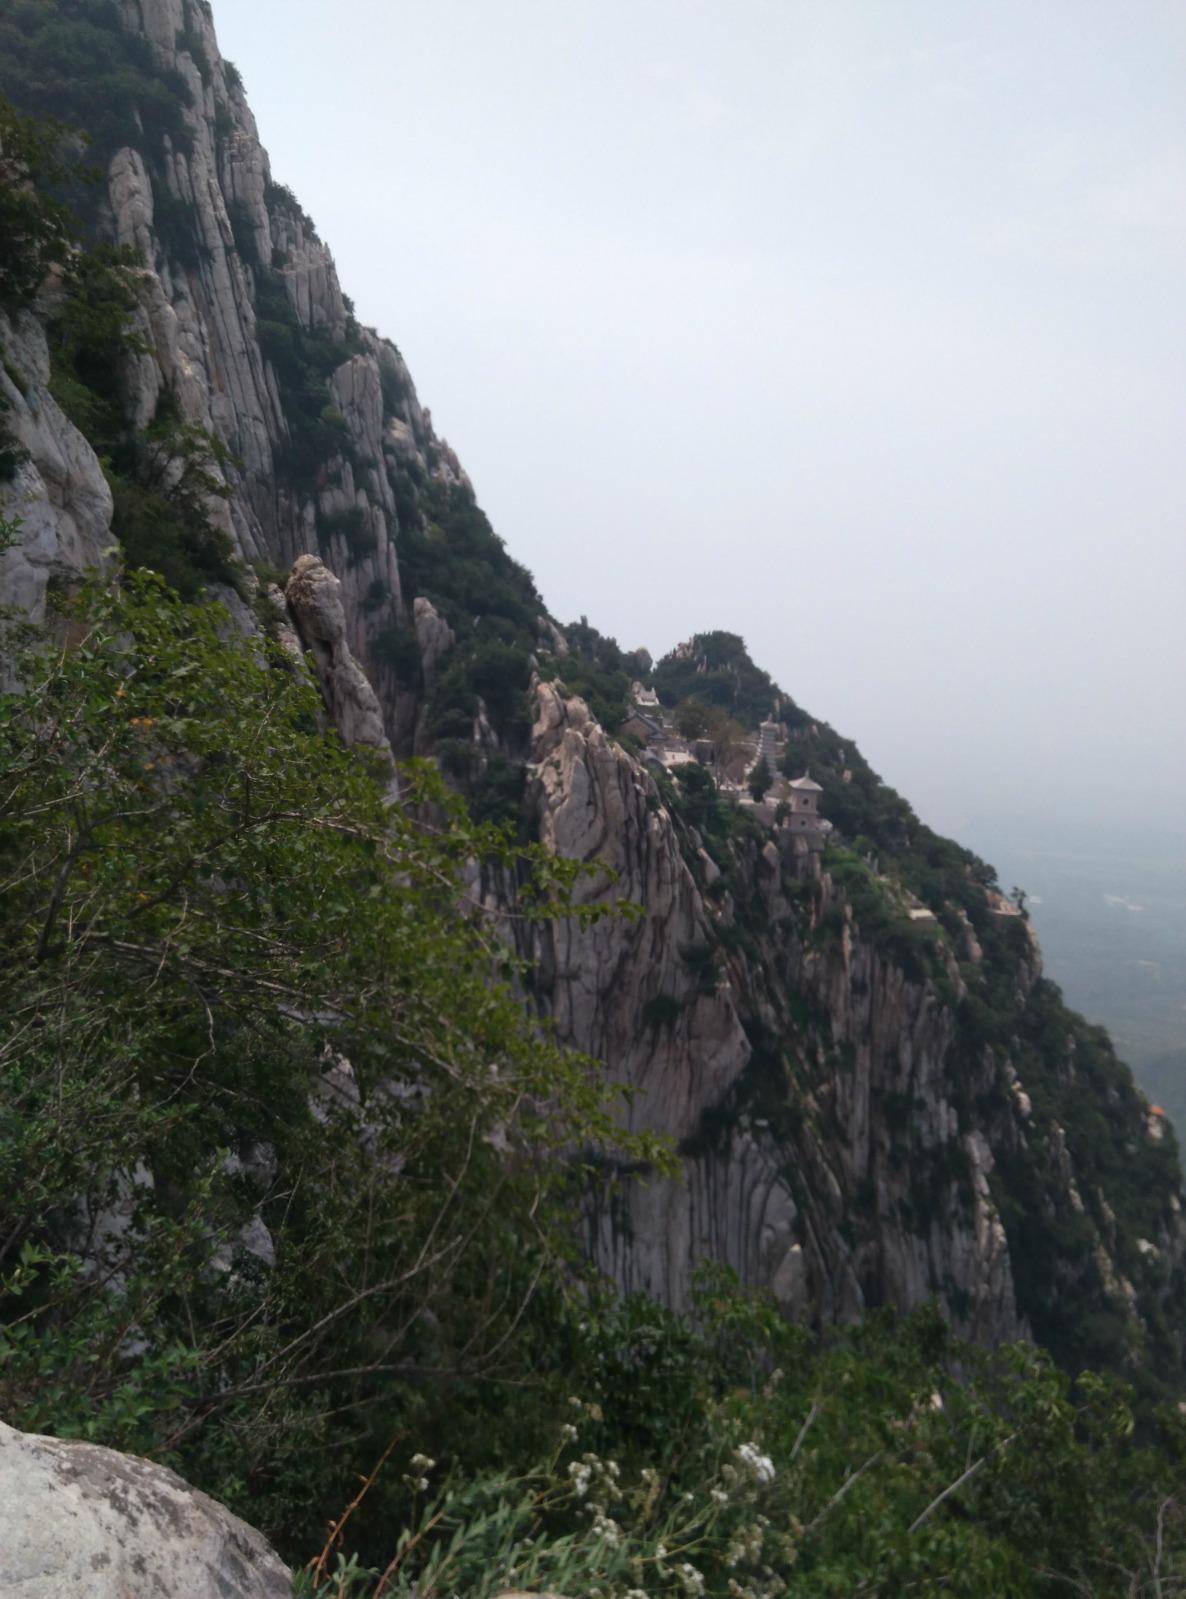 2019全程寨游玩三皇,既然去了就攻略爬吧,山后二郎山攻略自驾游景区图片